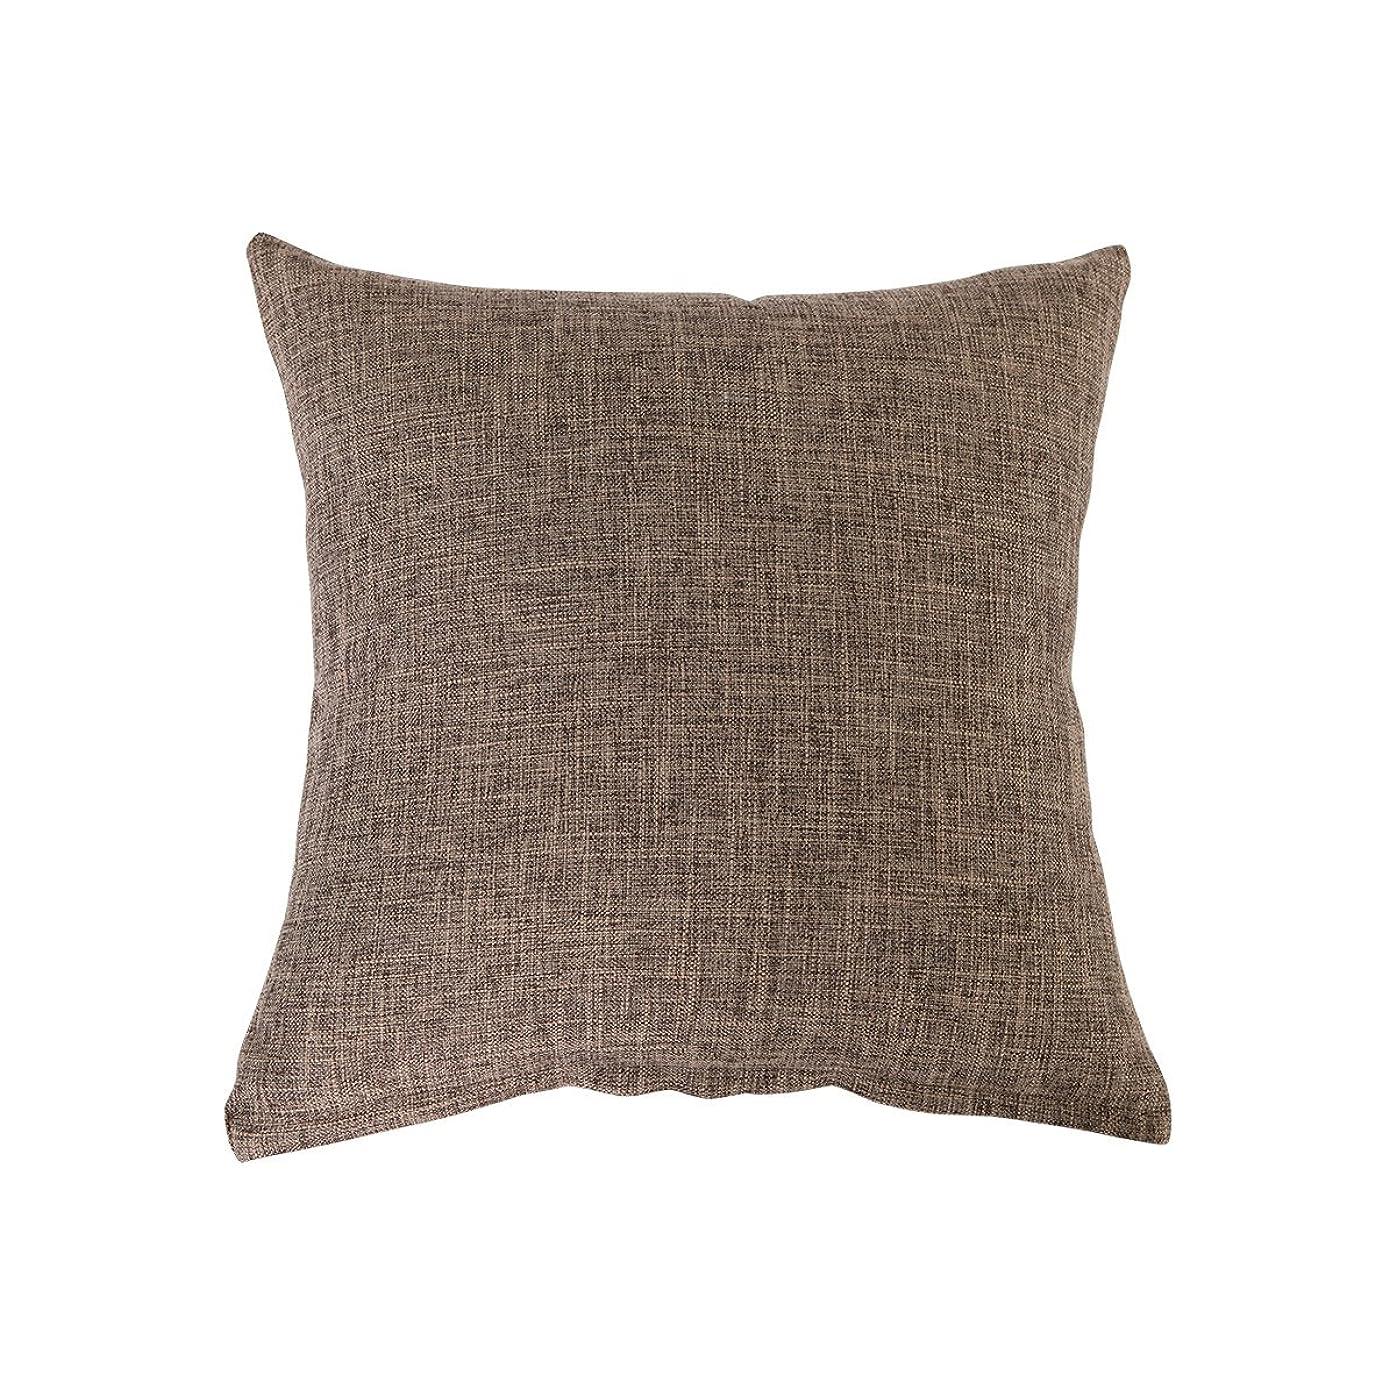 なる倫理豚クッションカバー ピロケース 枕カバー 綿麻 無地 45×45cm 抱き枕用 洗える クッション カバー (45×45cm, ブラウン)